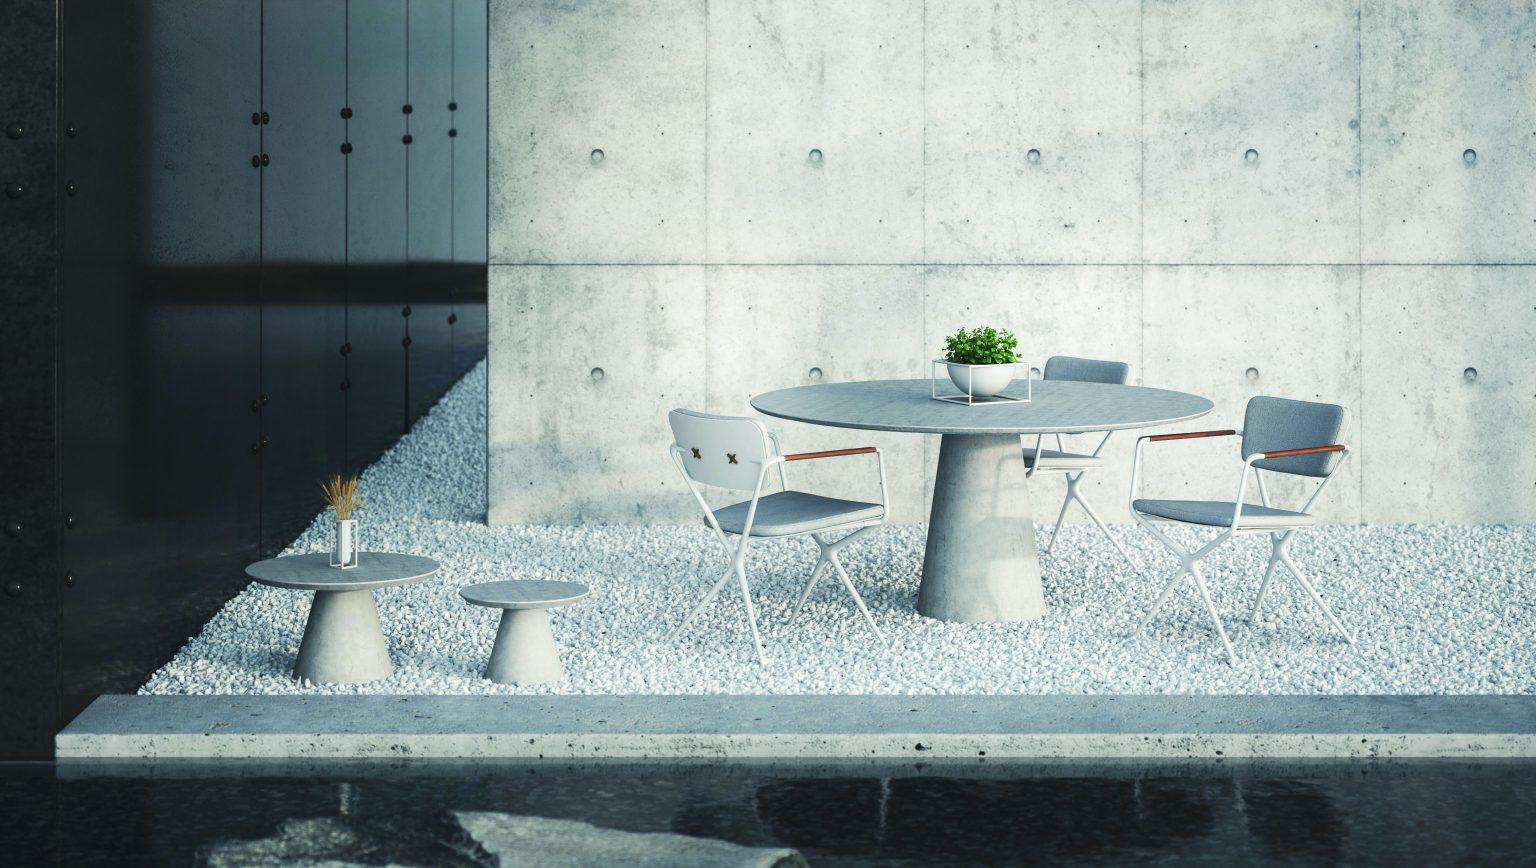 Biennale Interieur - Belgium's leading design and interior event - Exes-conix-round.jpg